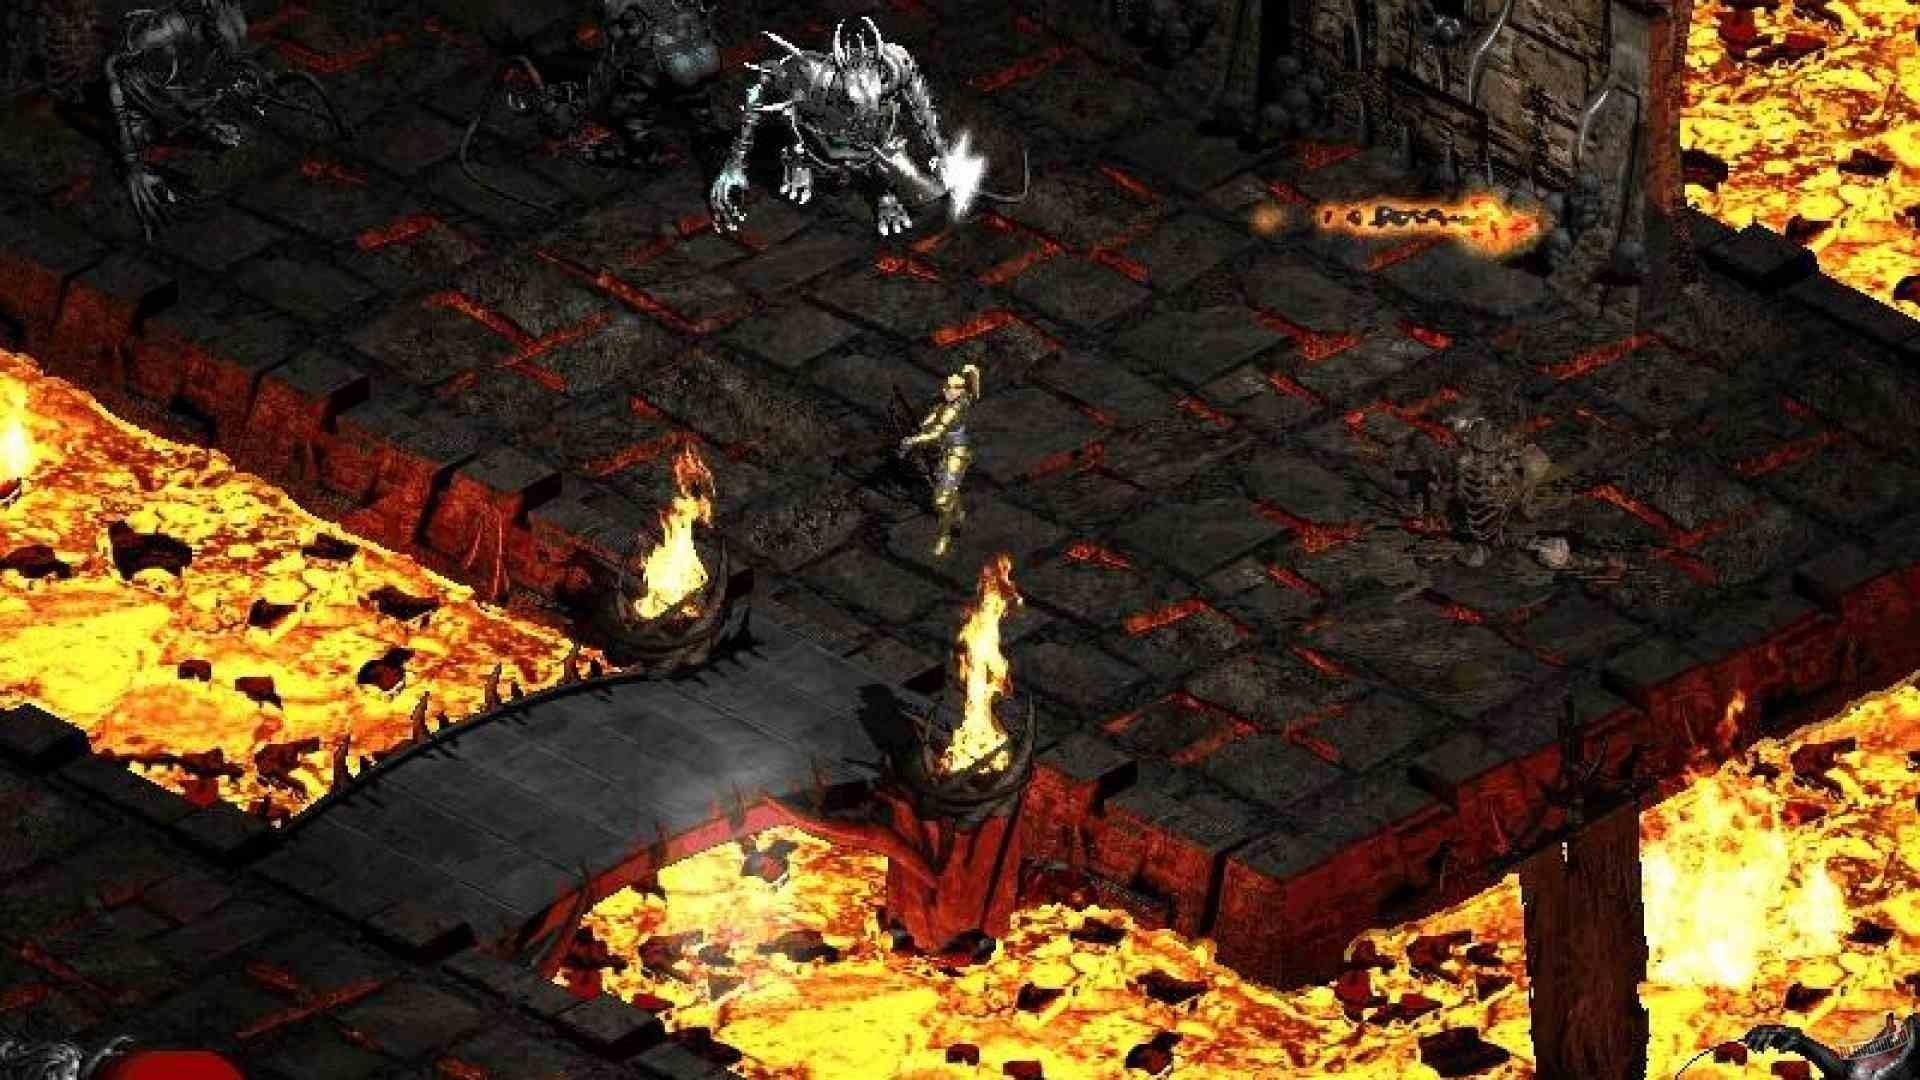 Слухи: Blizzard представит ремастер Diablo II на предстоящей BlizzCon Online